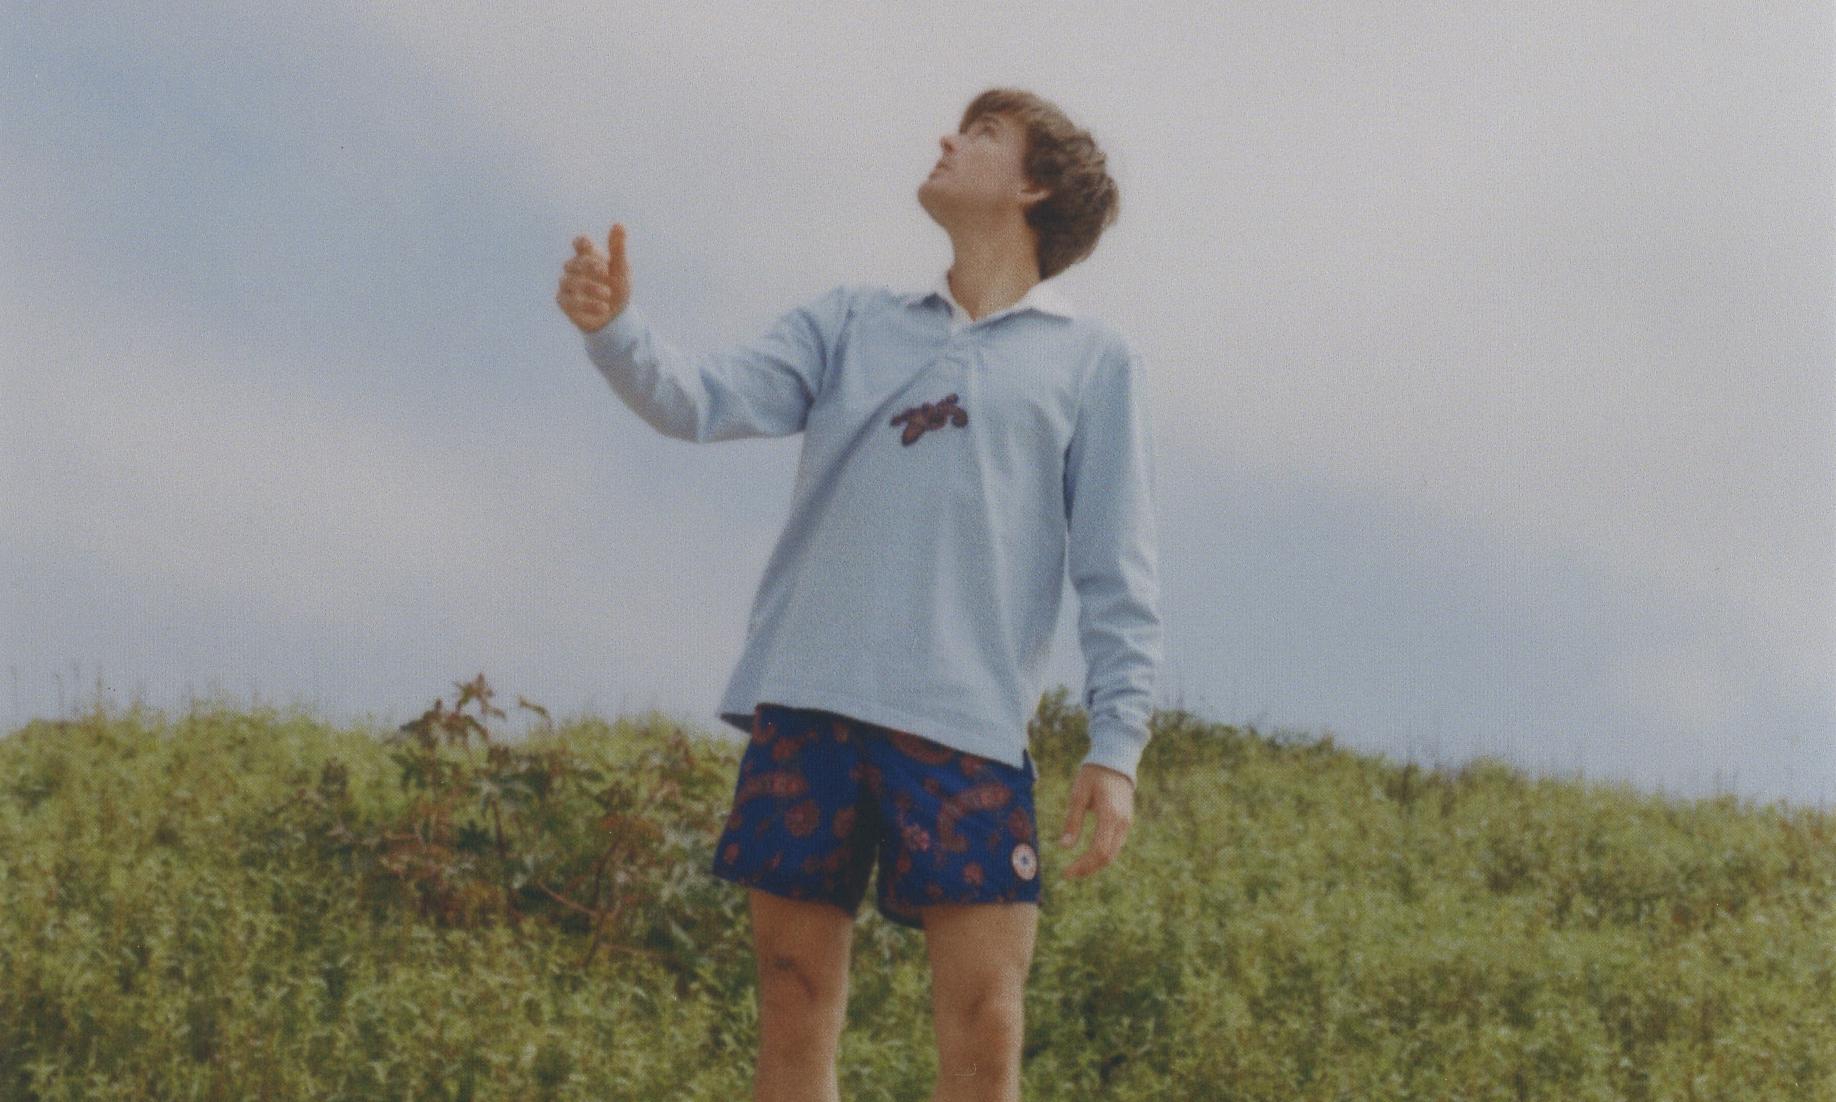 清爽海浪风,Birdwell x NOAH 2020 春夏联名系列发售